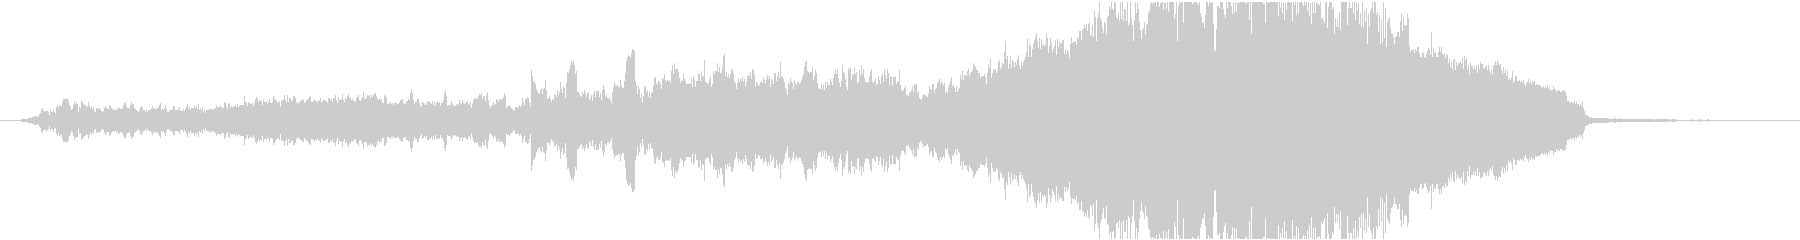 モダン 交響曲 室内楽 アンビエン...の未再生の波形